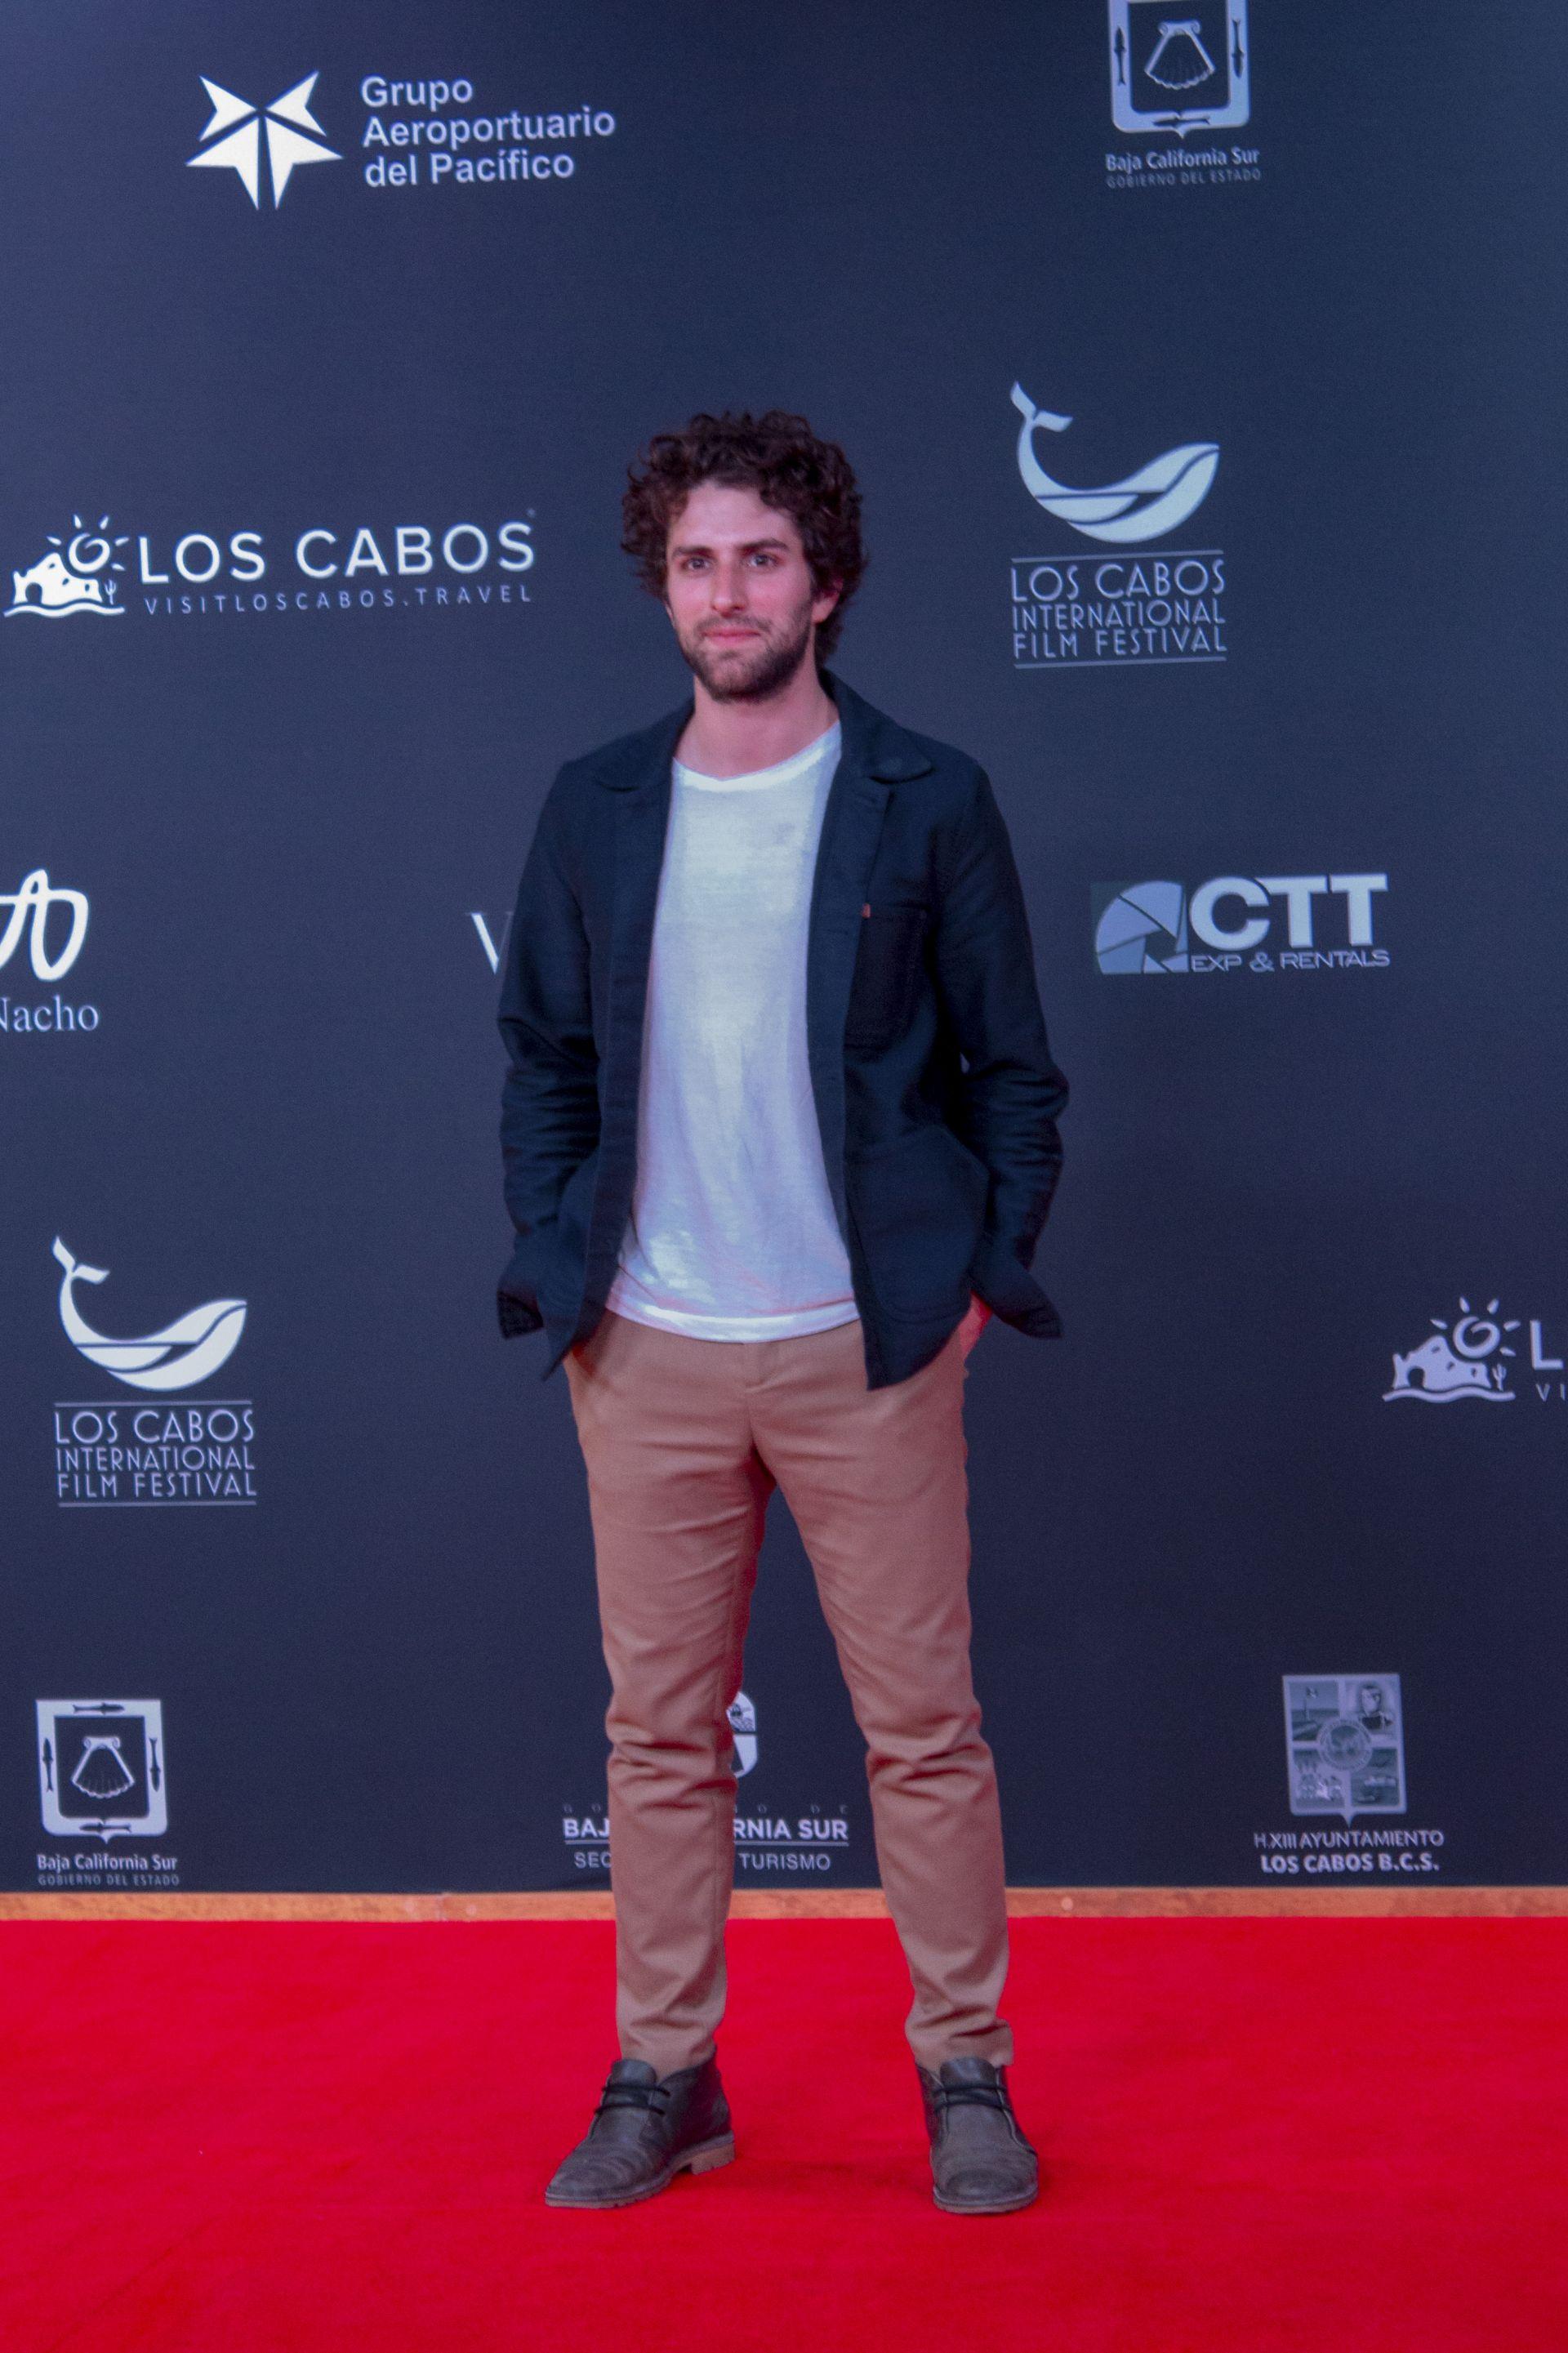 Los_Cabos_Film_Festival_12